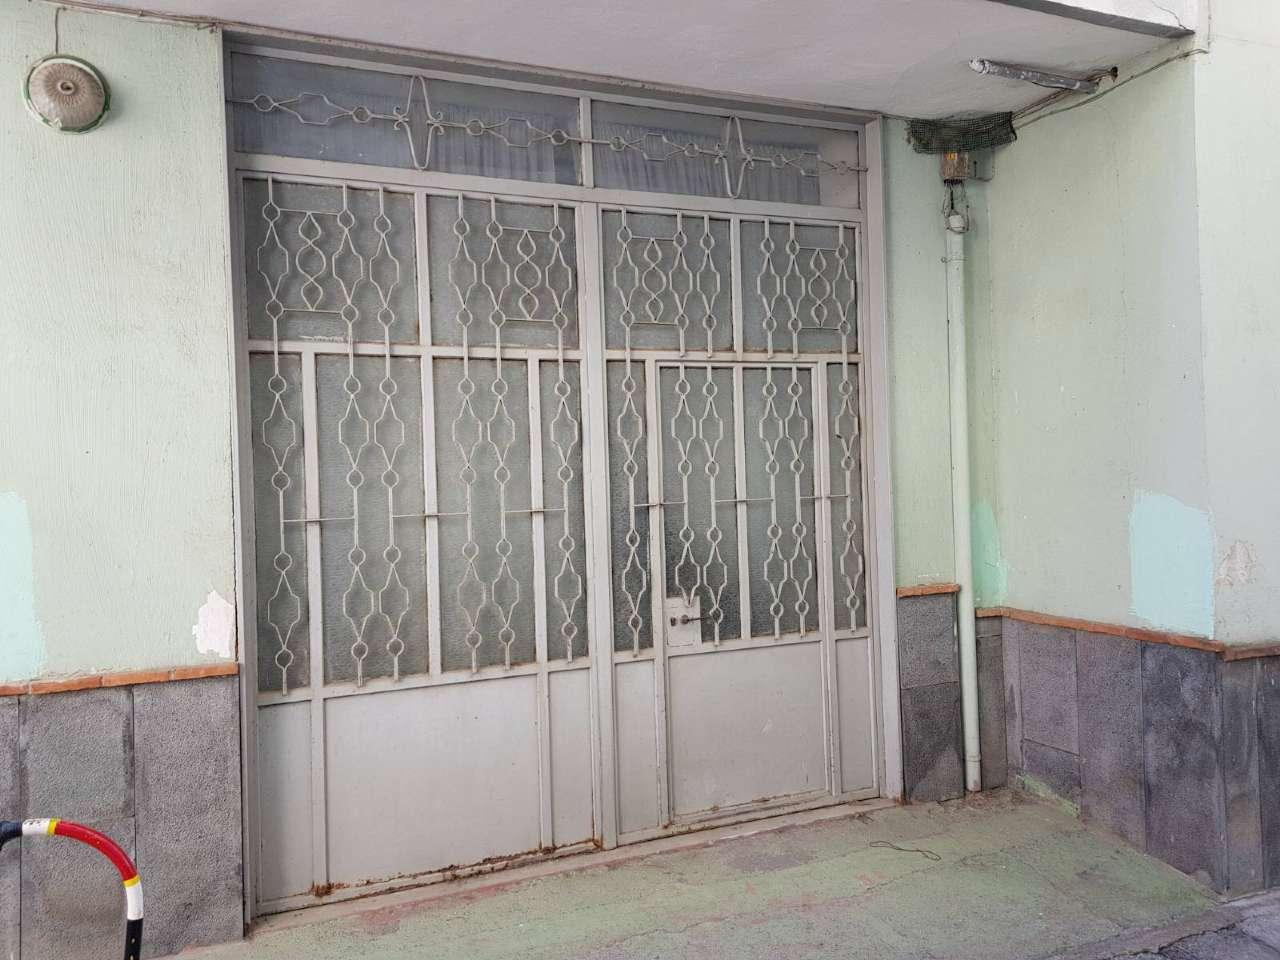 Appartamento in vendita a Boscoreale, 9999 locali, prezzo € 40.000 | CambioCasa.it